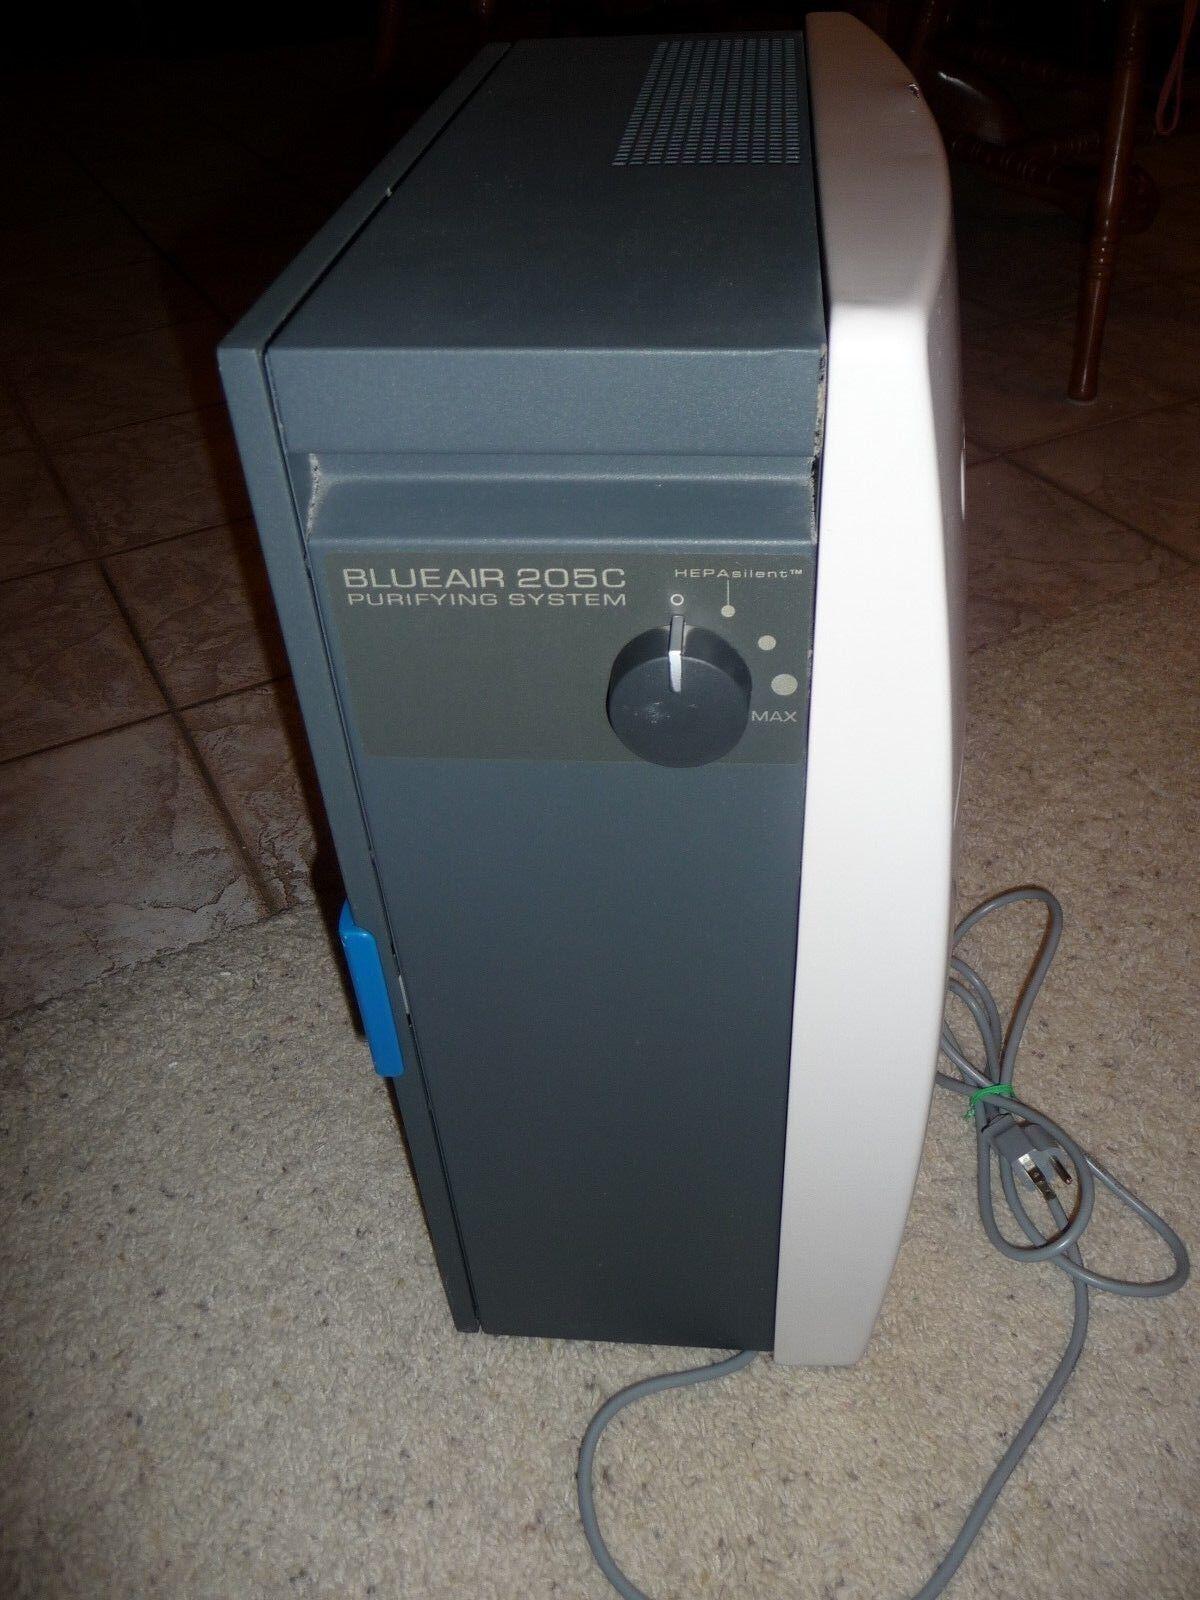 Blueair 205 205C Energy-Star HEPASilent Air-Purification System